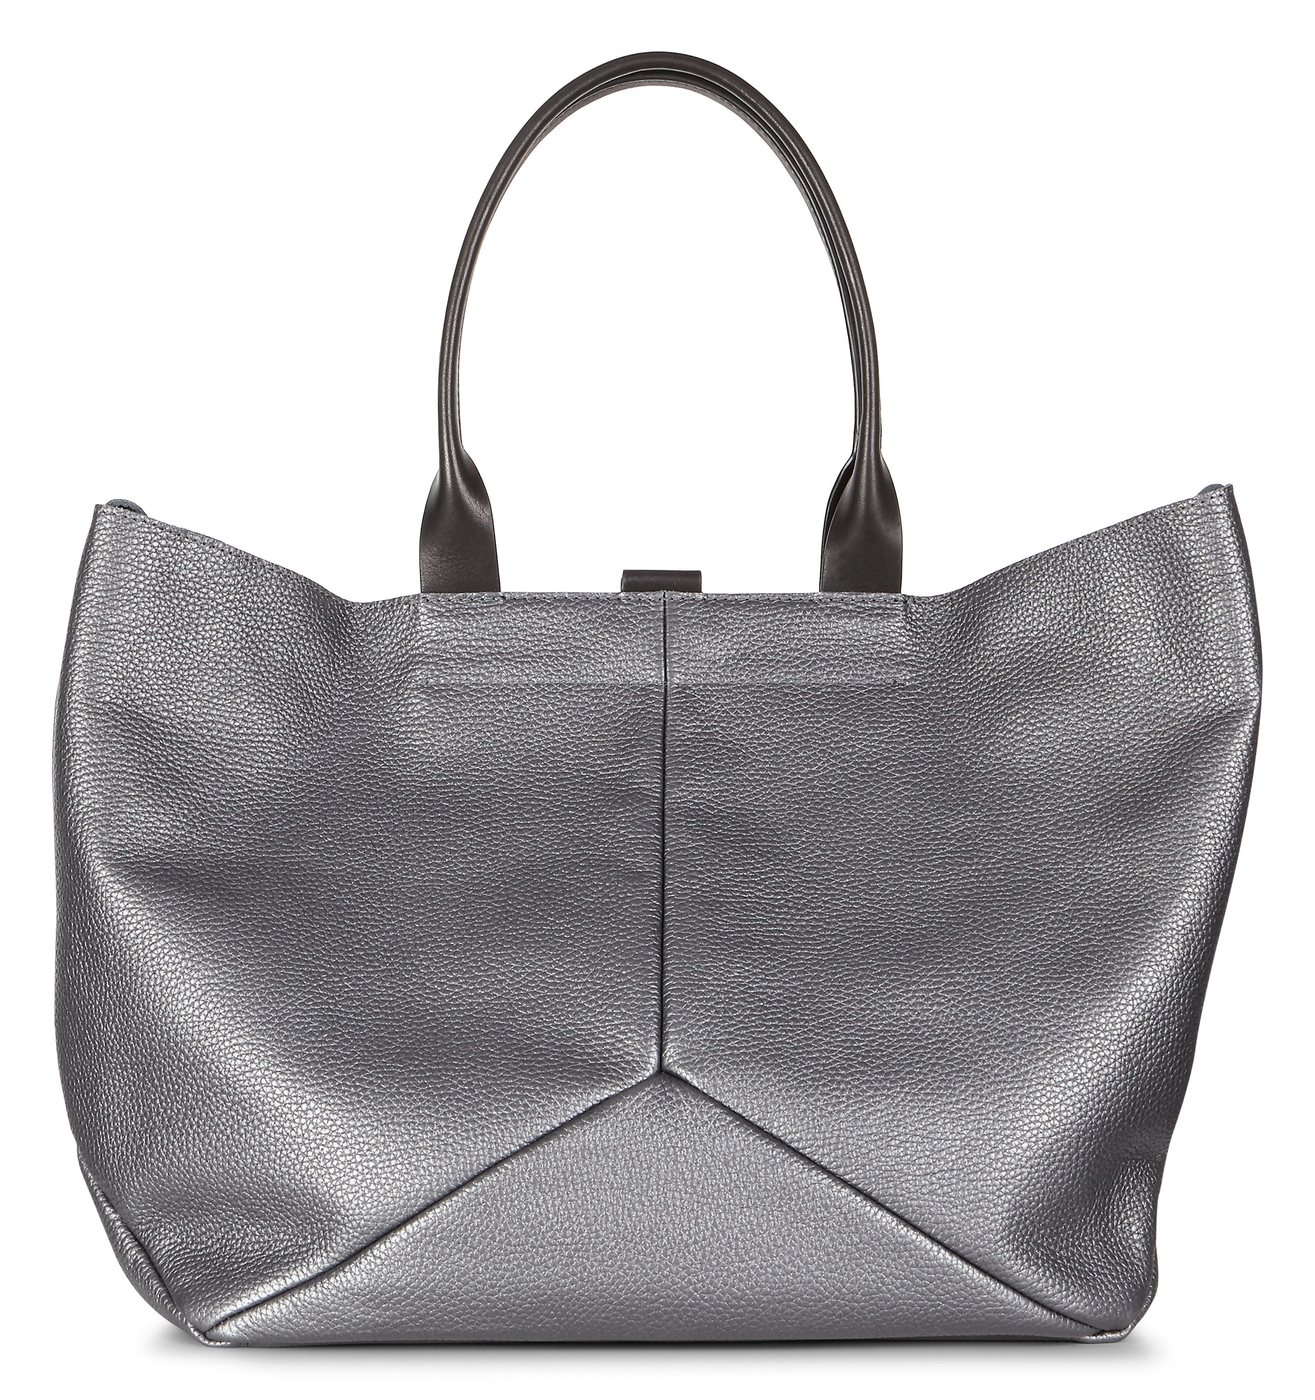 ECCO ELLA Metallic Shopper Bag